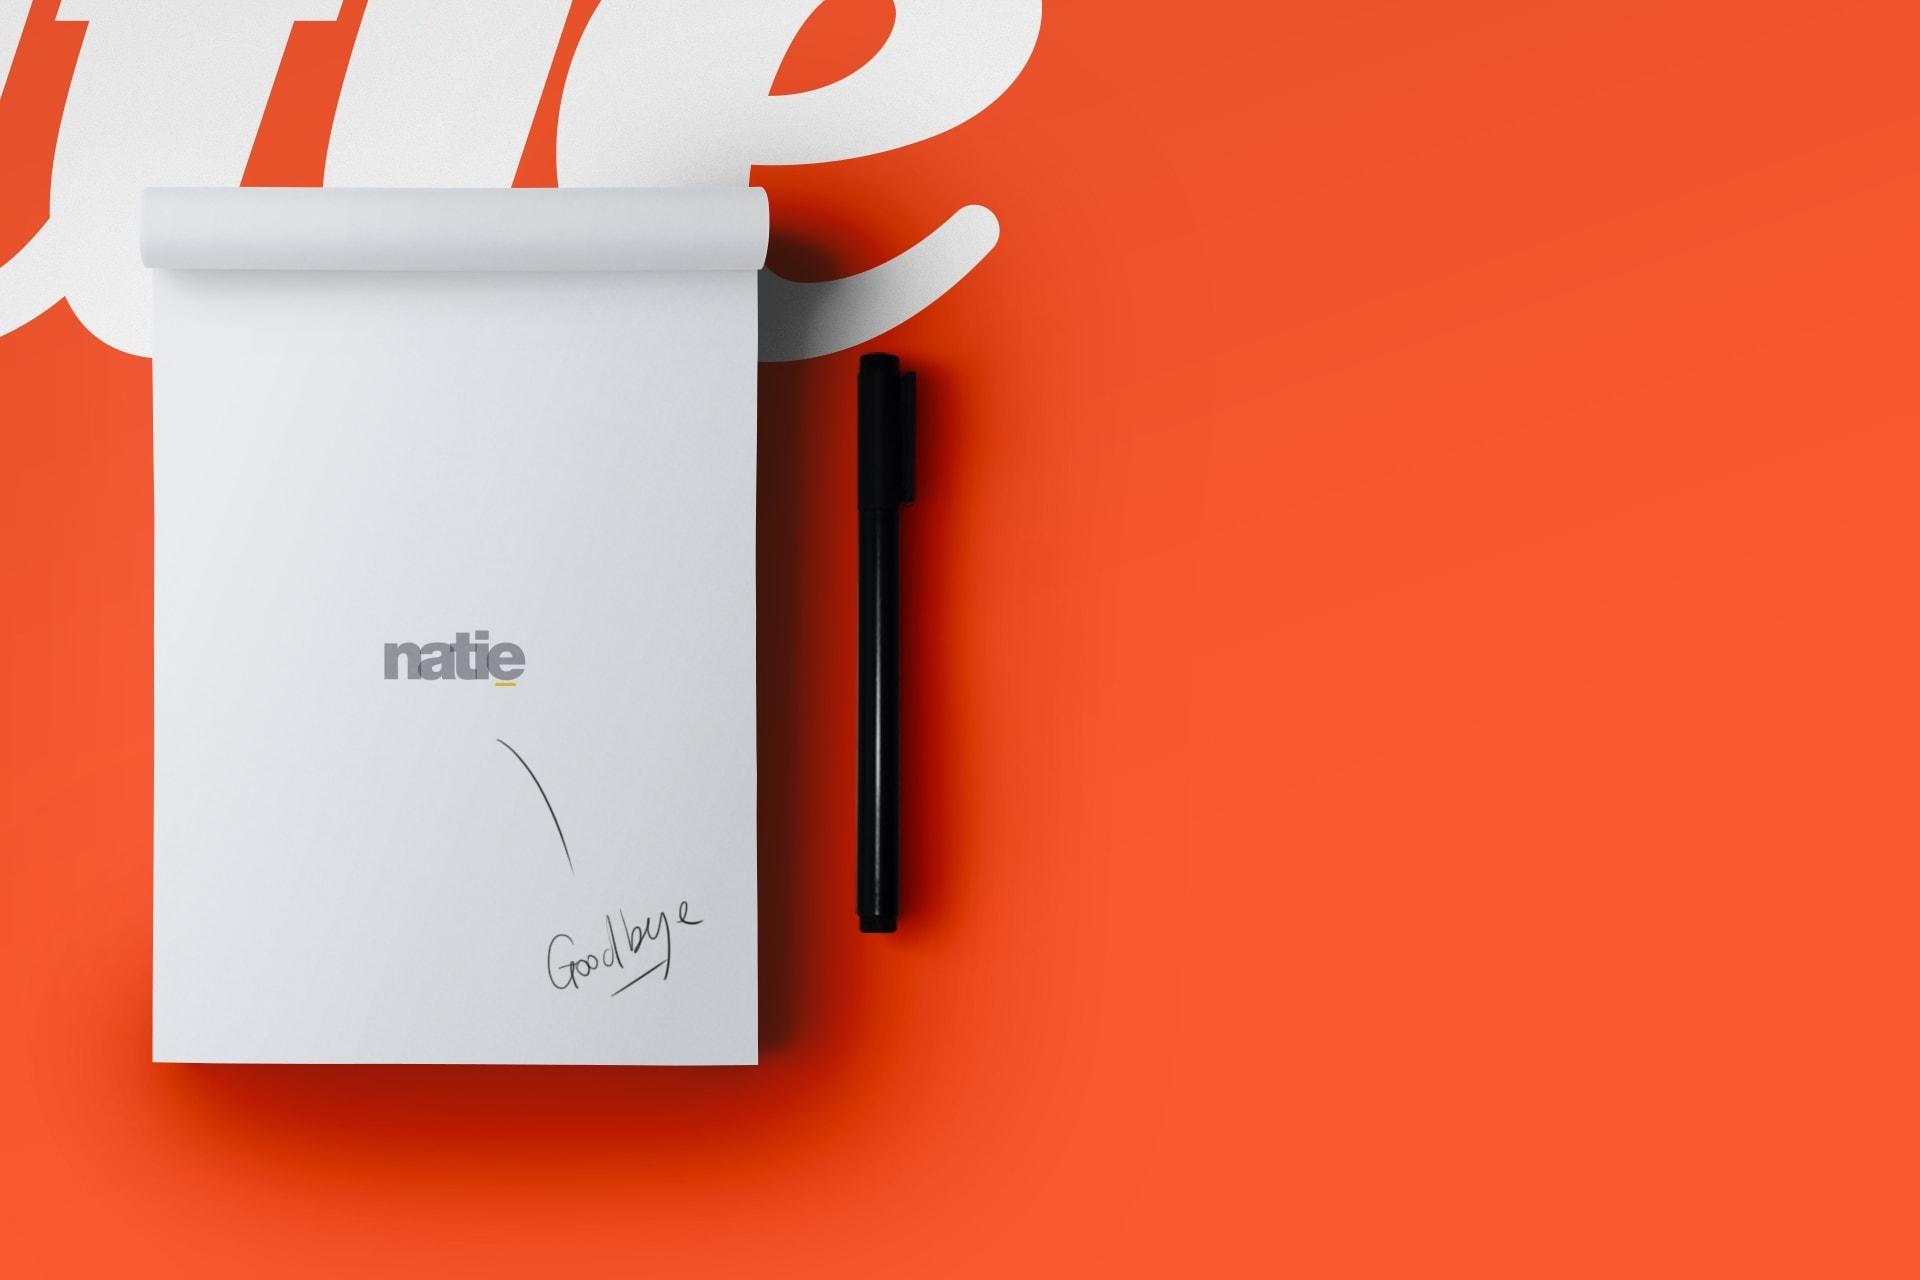 natie-rebrand-banner-desktop - Natie Branding Agency